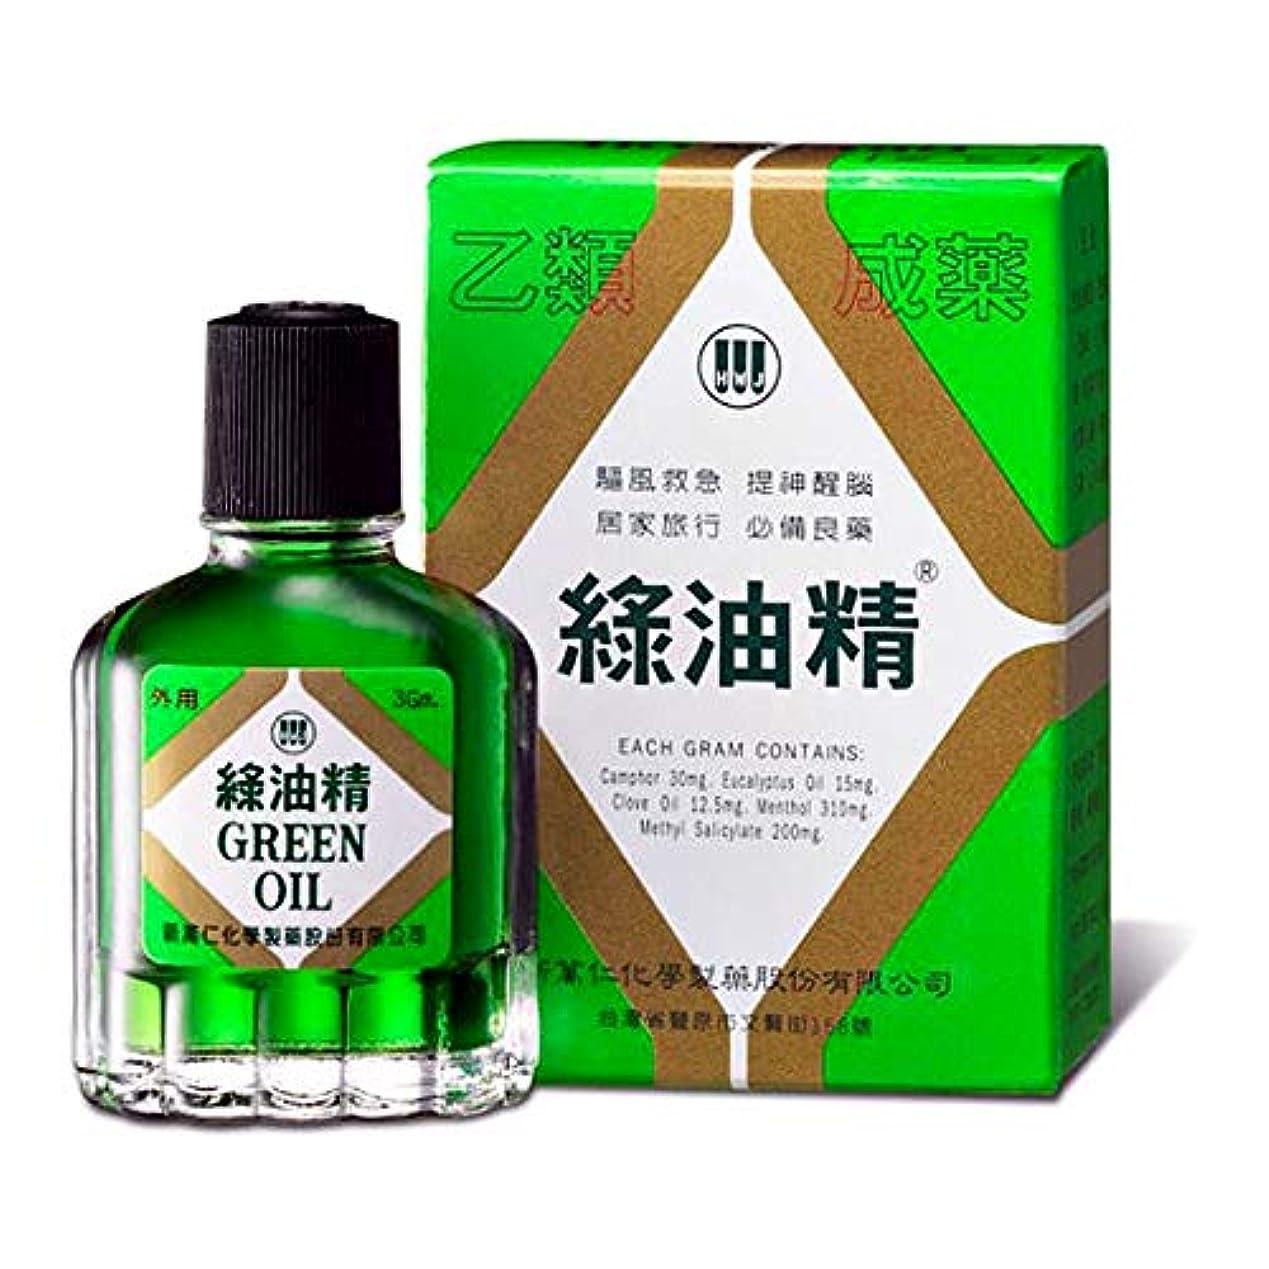 誤解する用心啓発する《新萬仁》台湾の万能グリーンオイル 緑油精 3g 《台湾 お土産》 [並行輸入品]